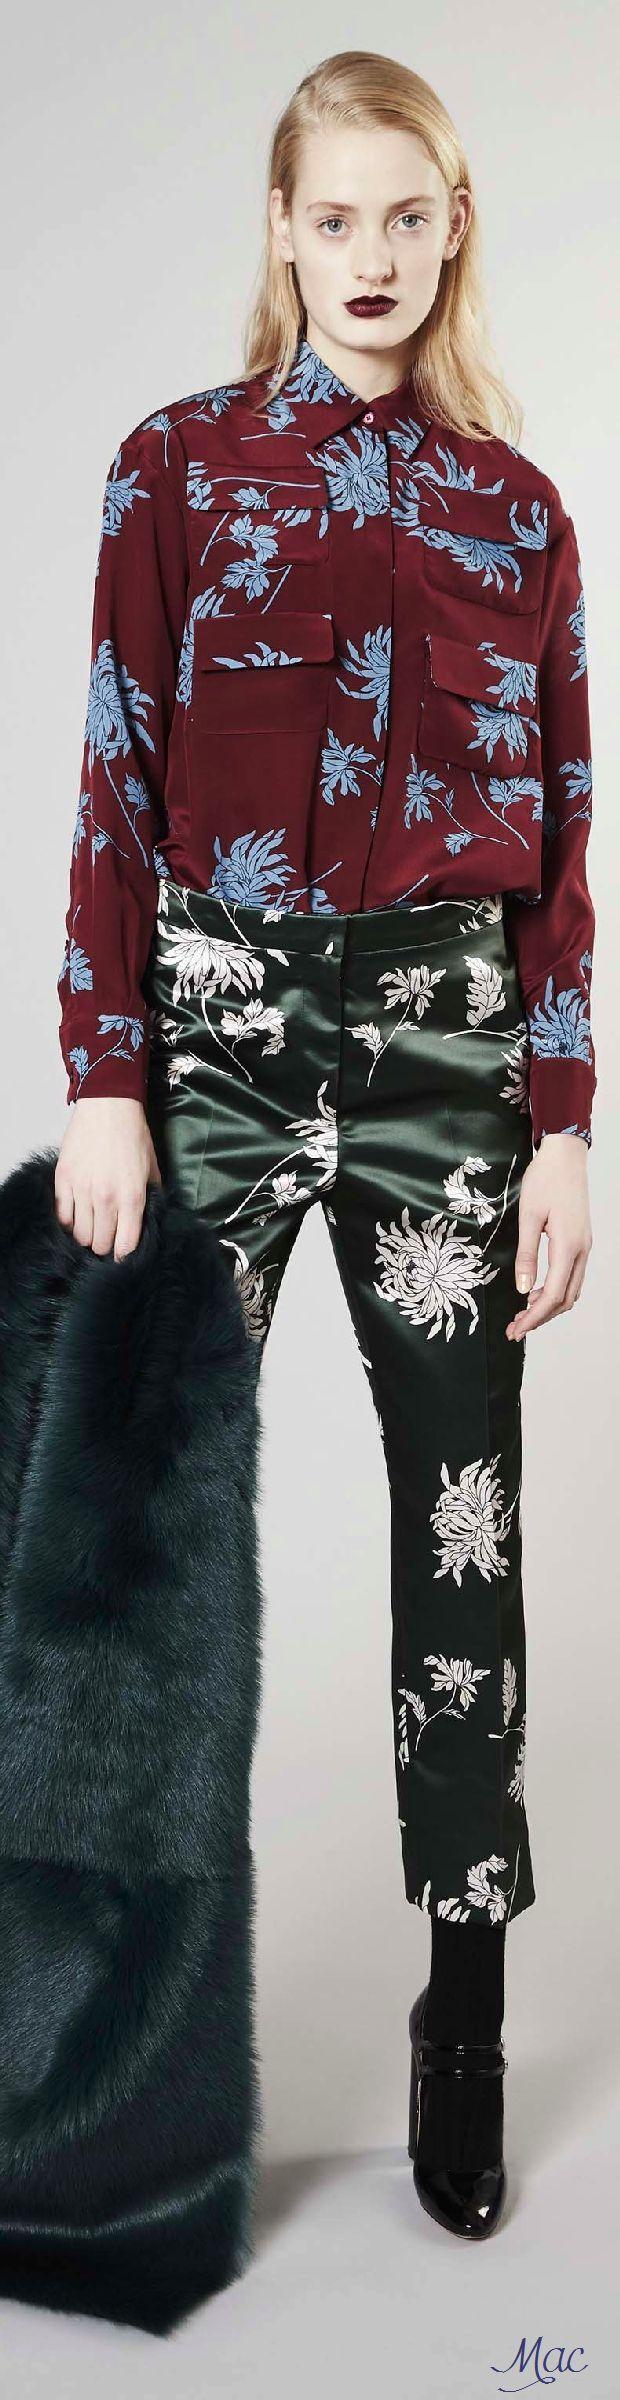 Rochas Pre F-16, floral print ensemble: oxblood blouse, green crop pants.